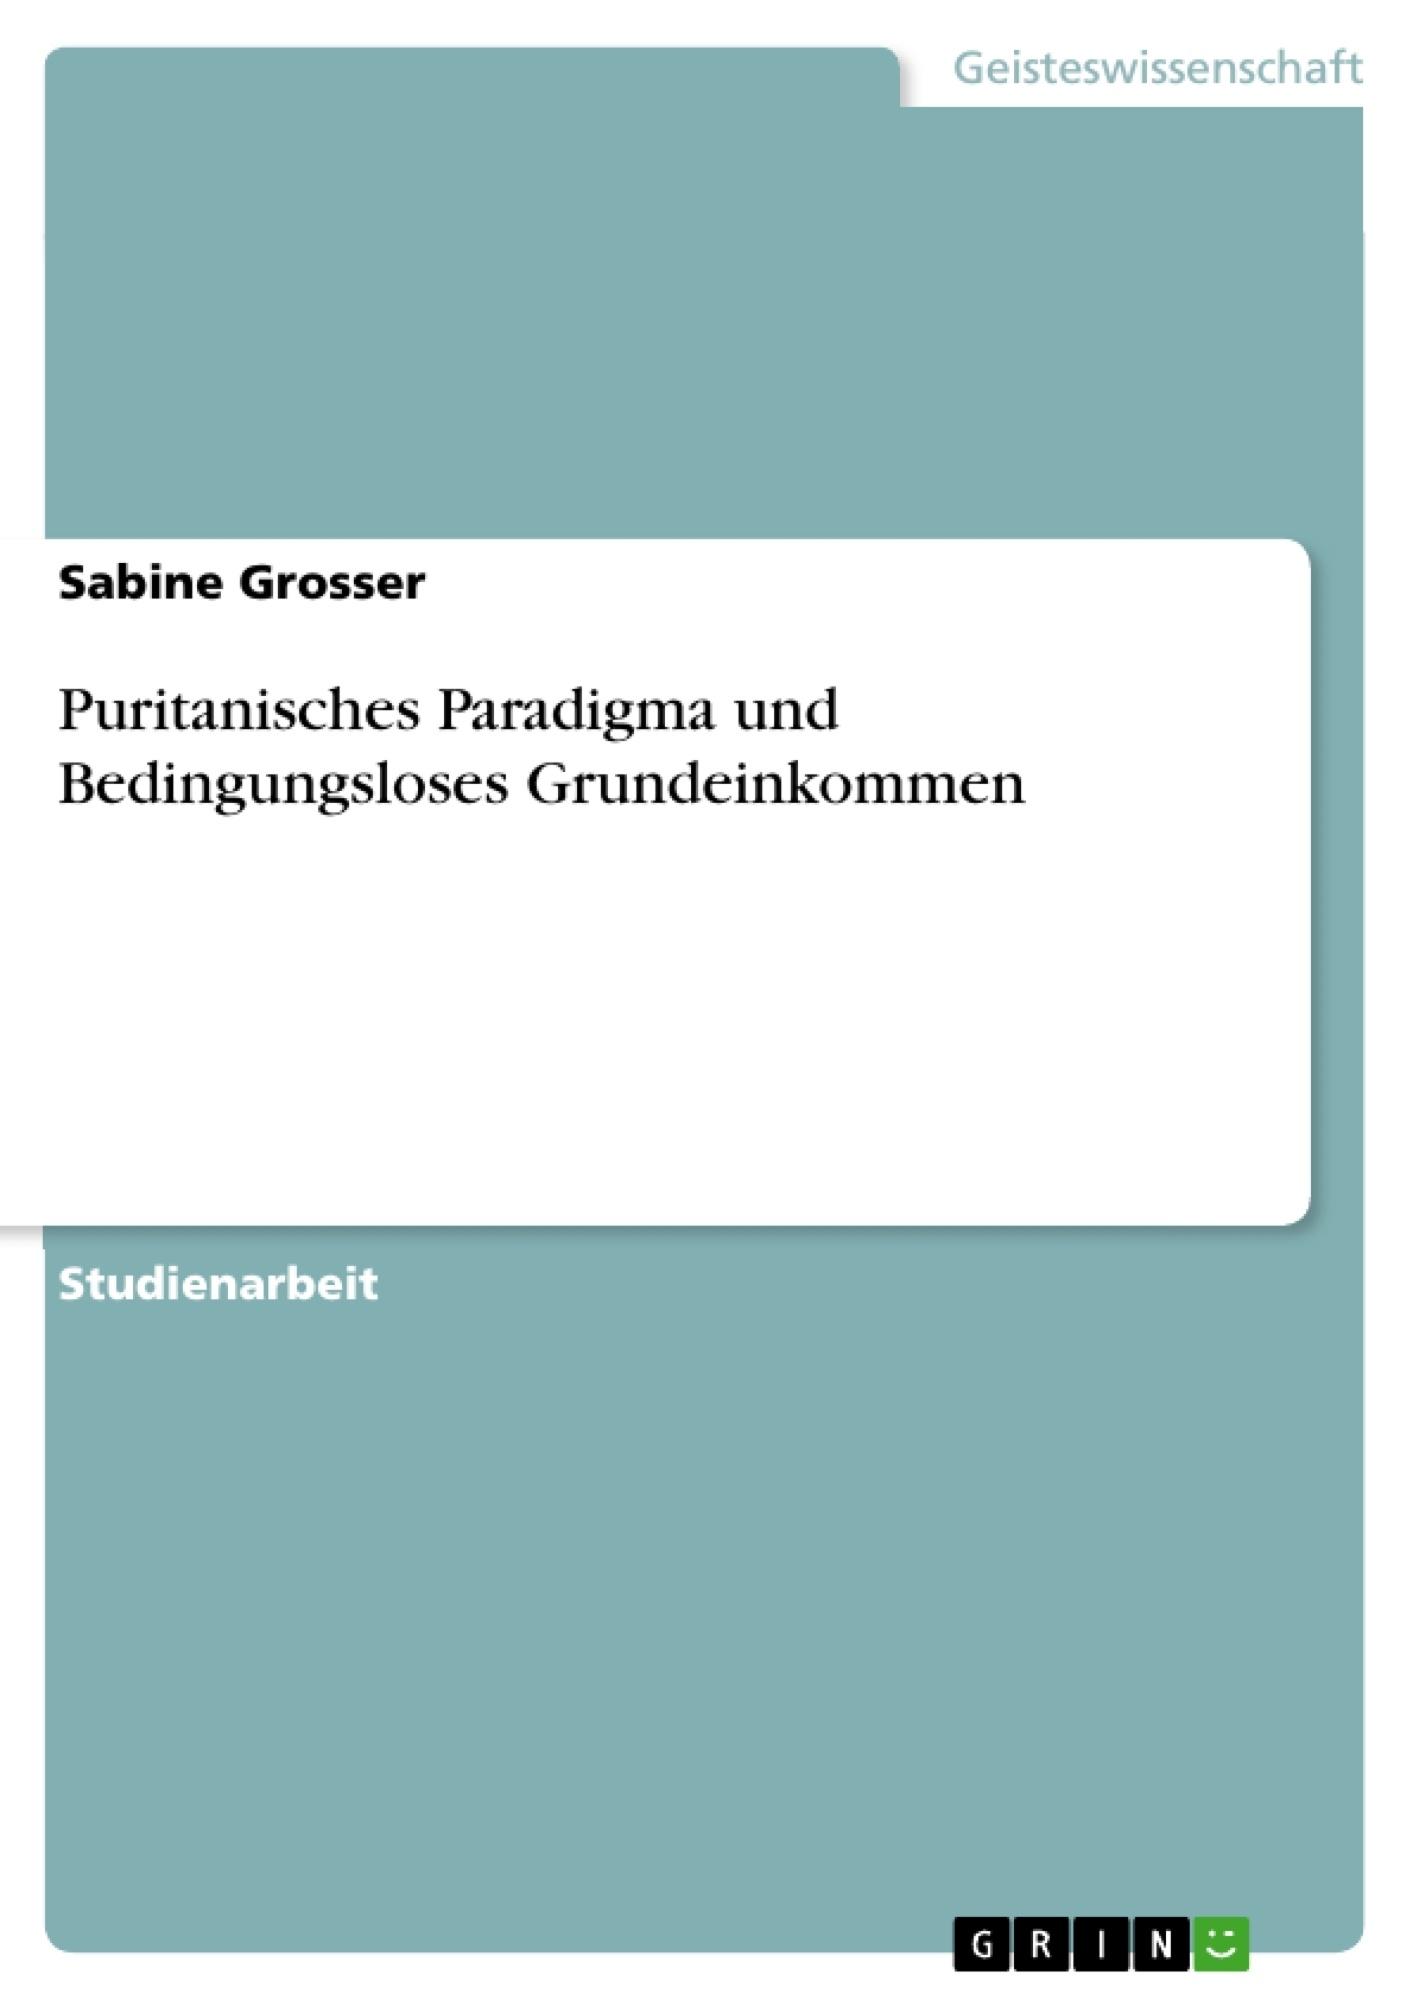 Titel: Puritanisches Paradigma und Bedingungsloses Grundeinkommen